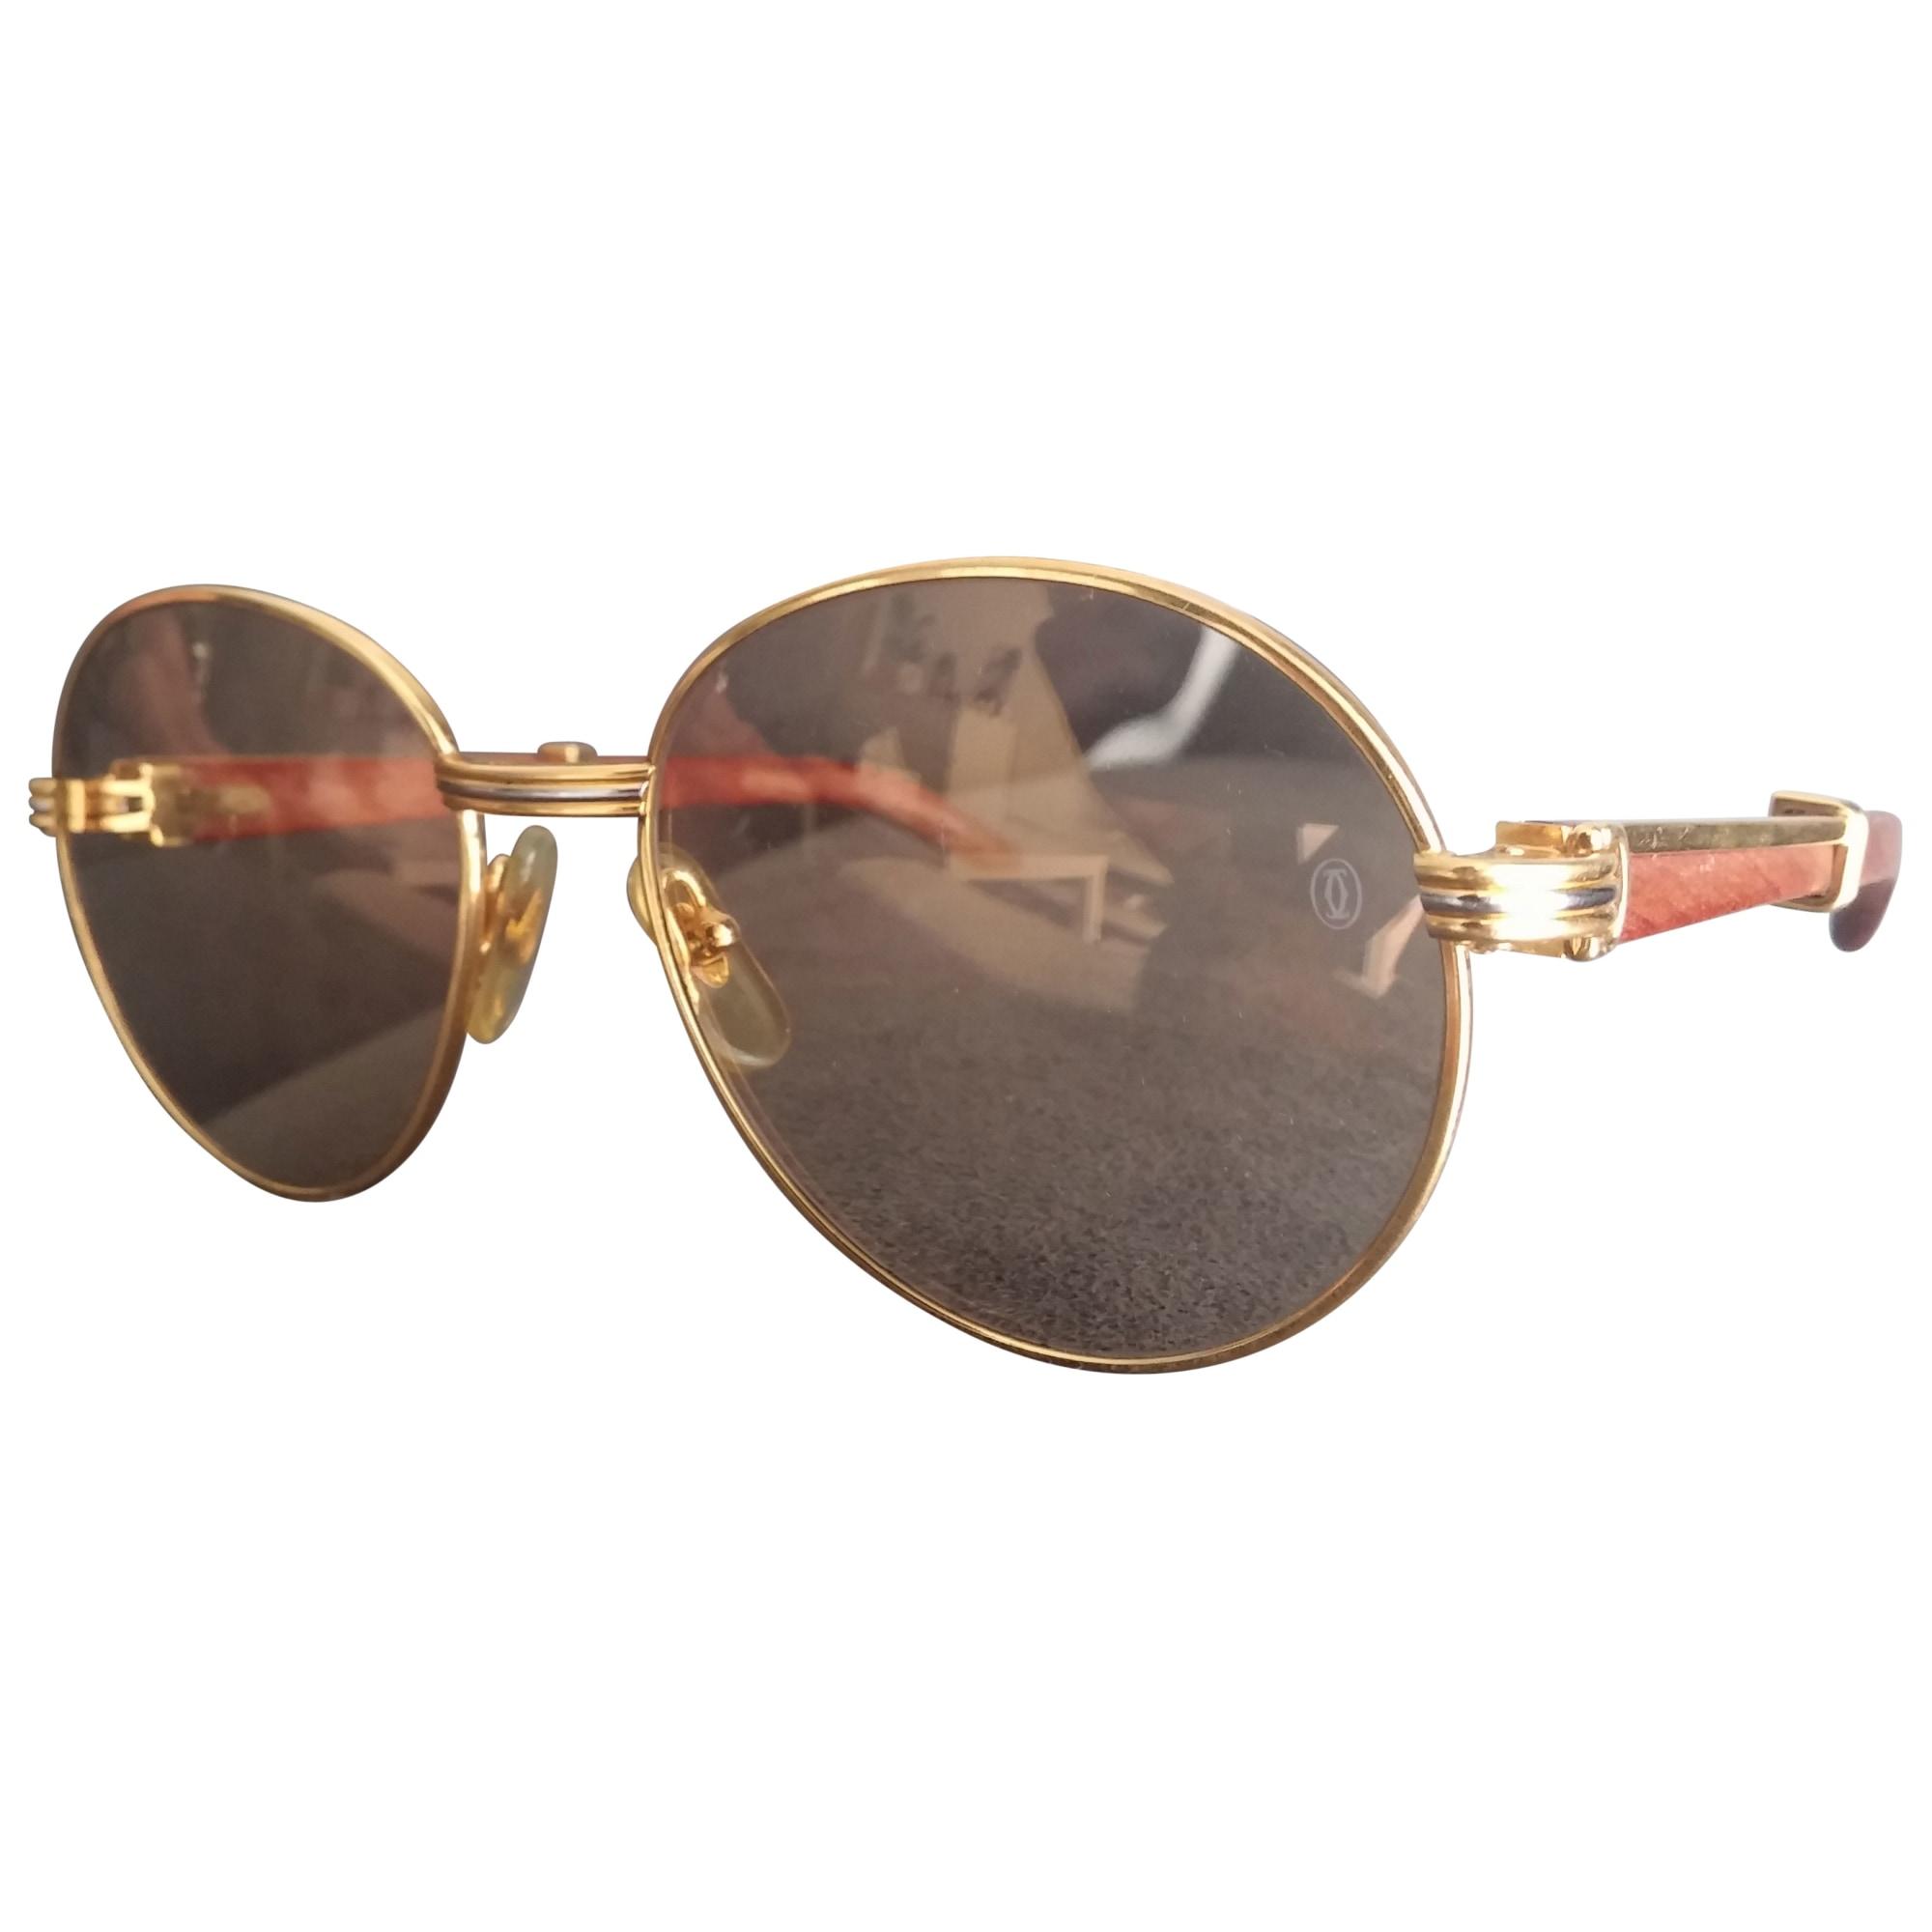 1b09e7891121cb Lunettes de soleil CARTIER Doré, bronze, cuivre